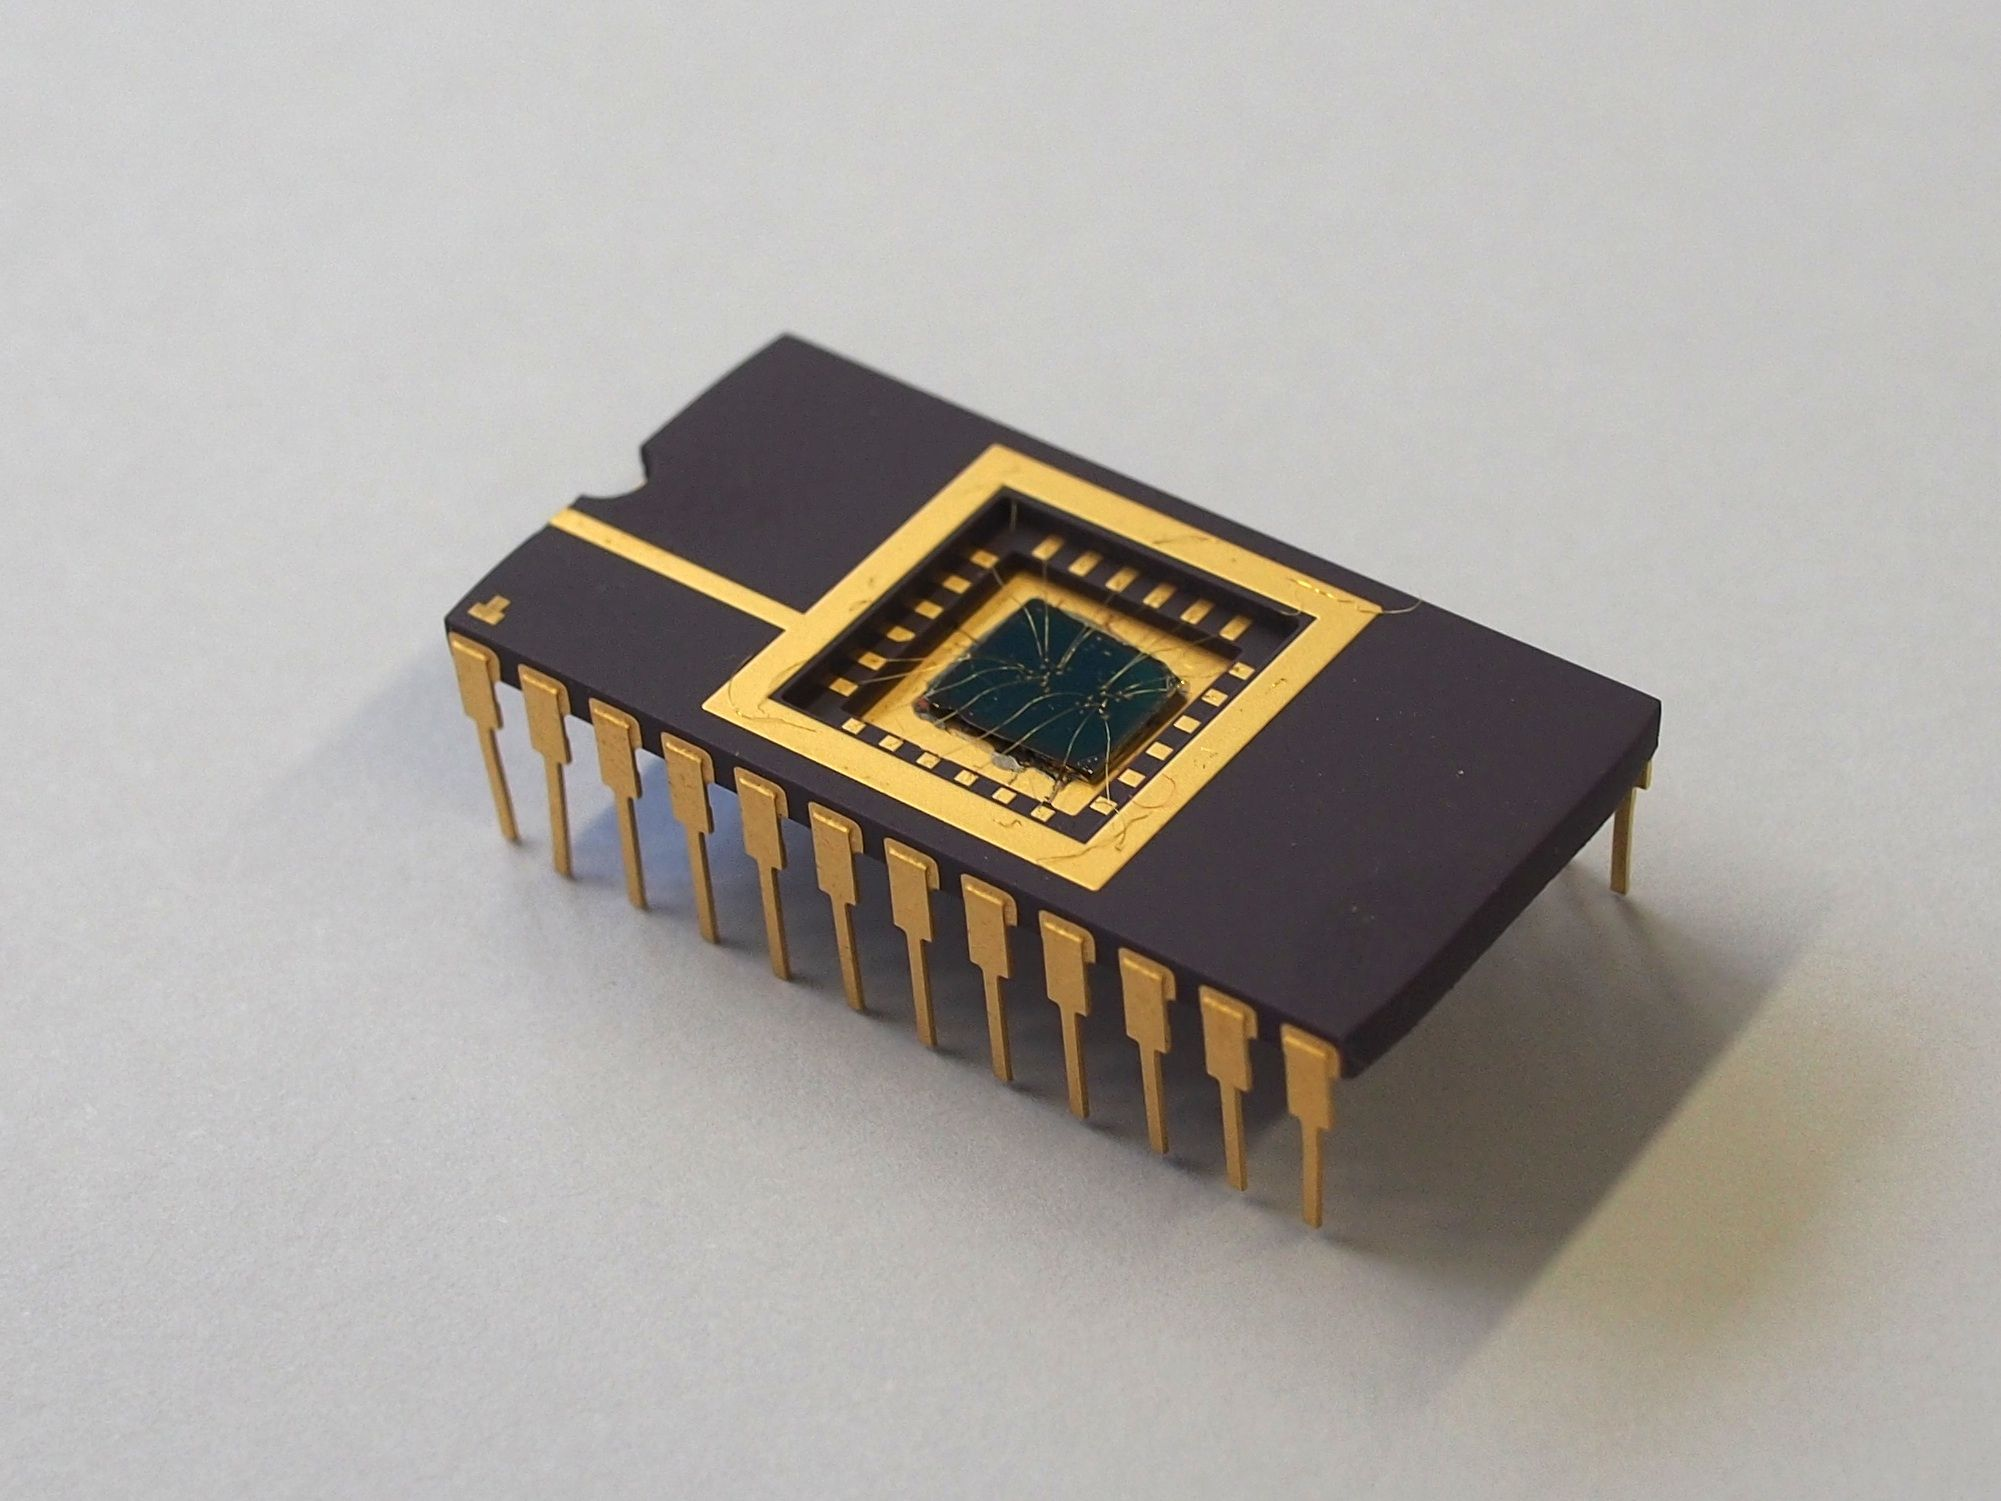 Uniws blueprint for an artificial brain lernfhiges nano bauelement 600 mal dnner als das haar eines menschen ist der bielefelder malvernweather Choice Image